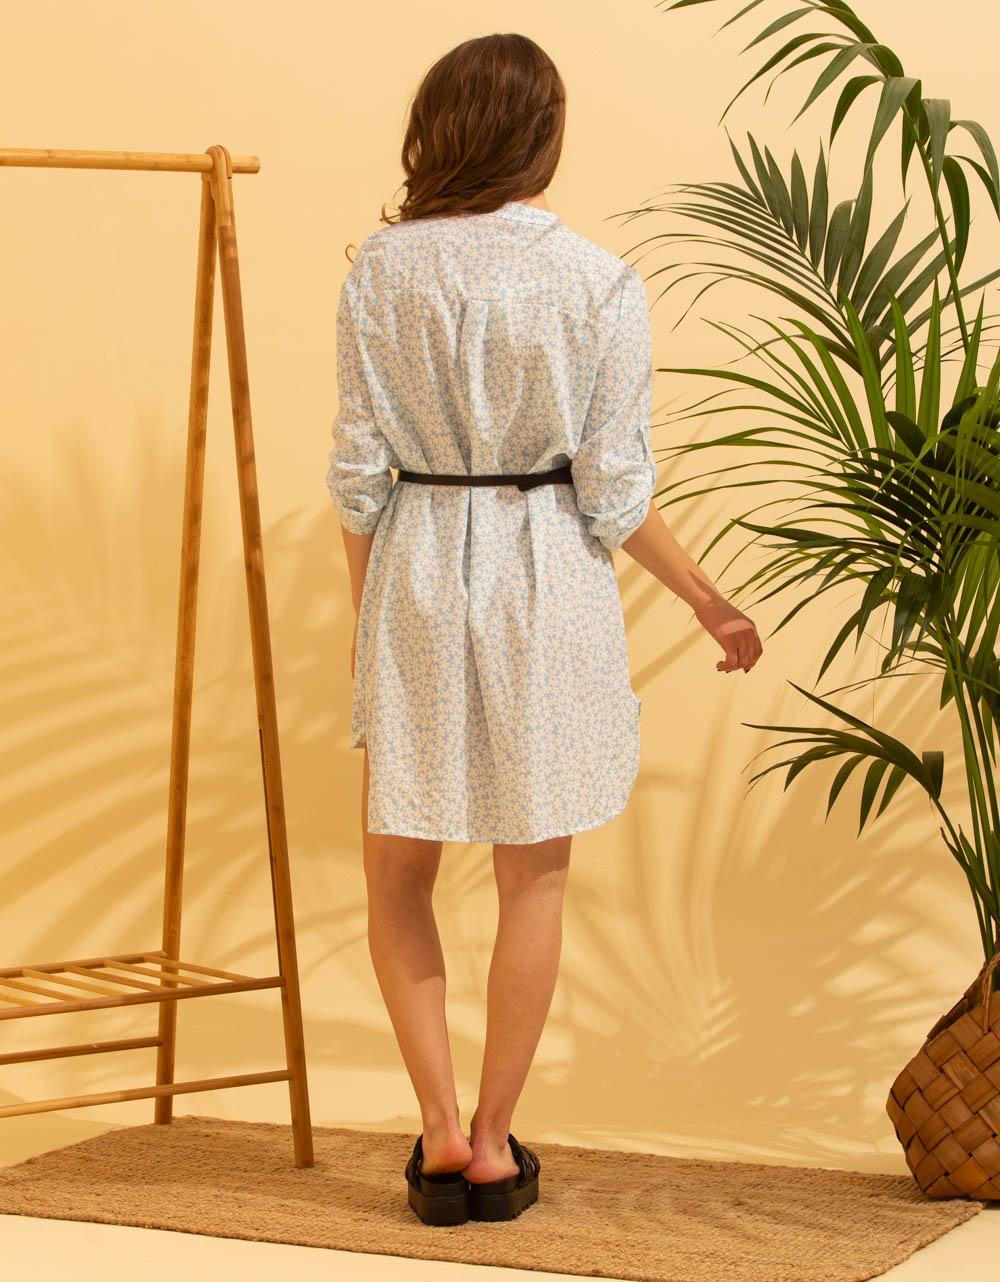 Εικόνα από Γυναικείο φορέμα μίνι με σχέδιο Σιέλ